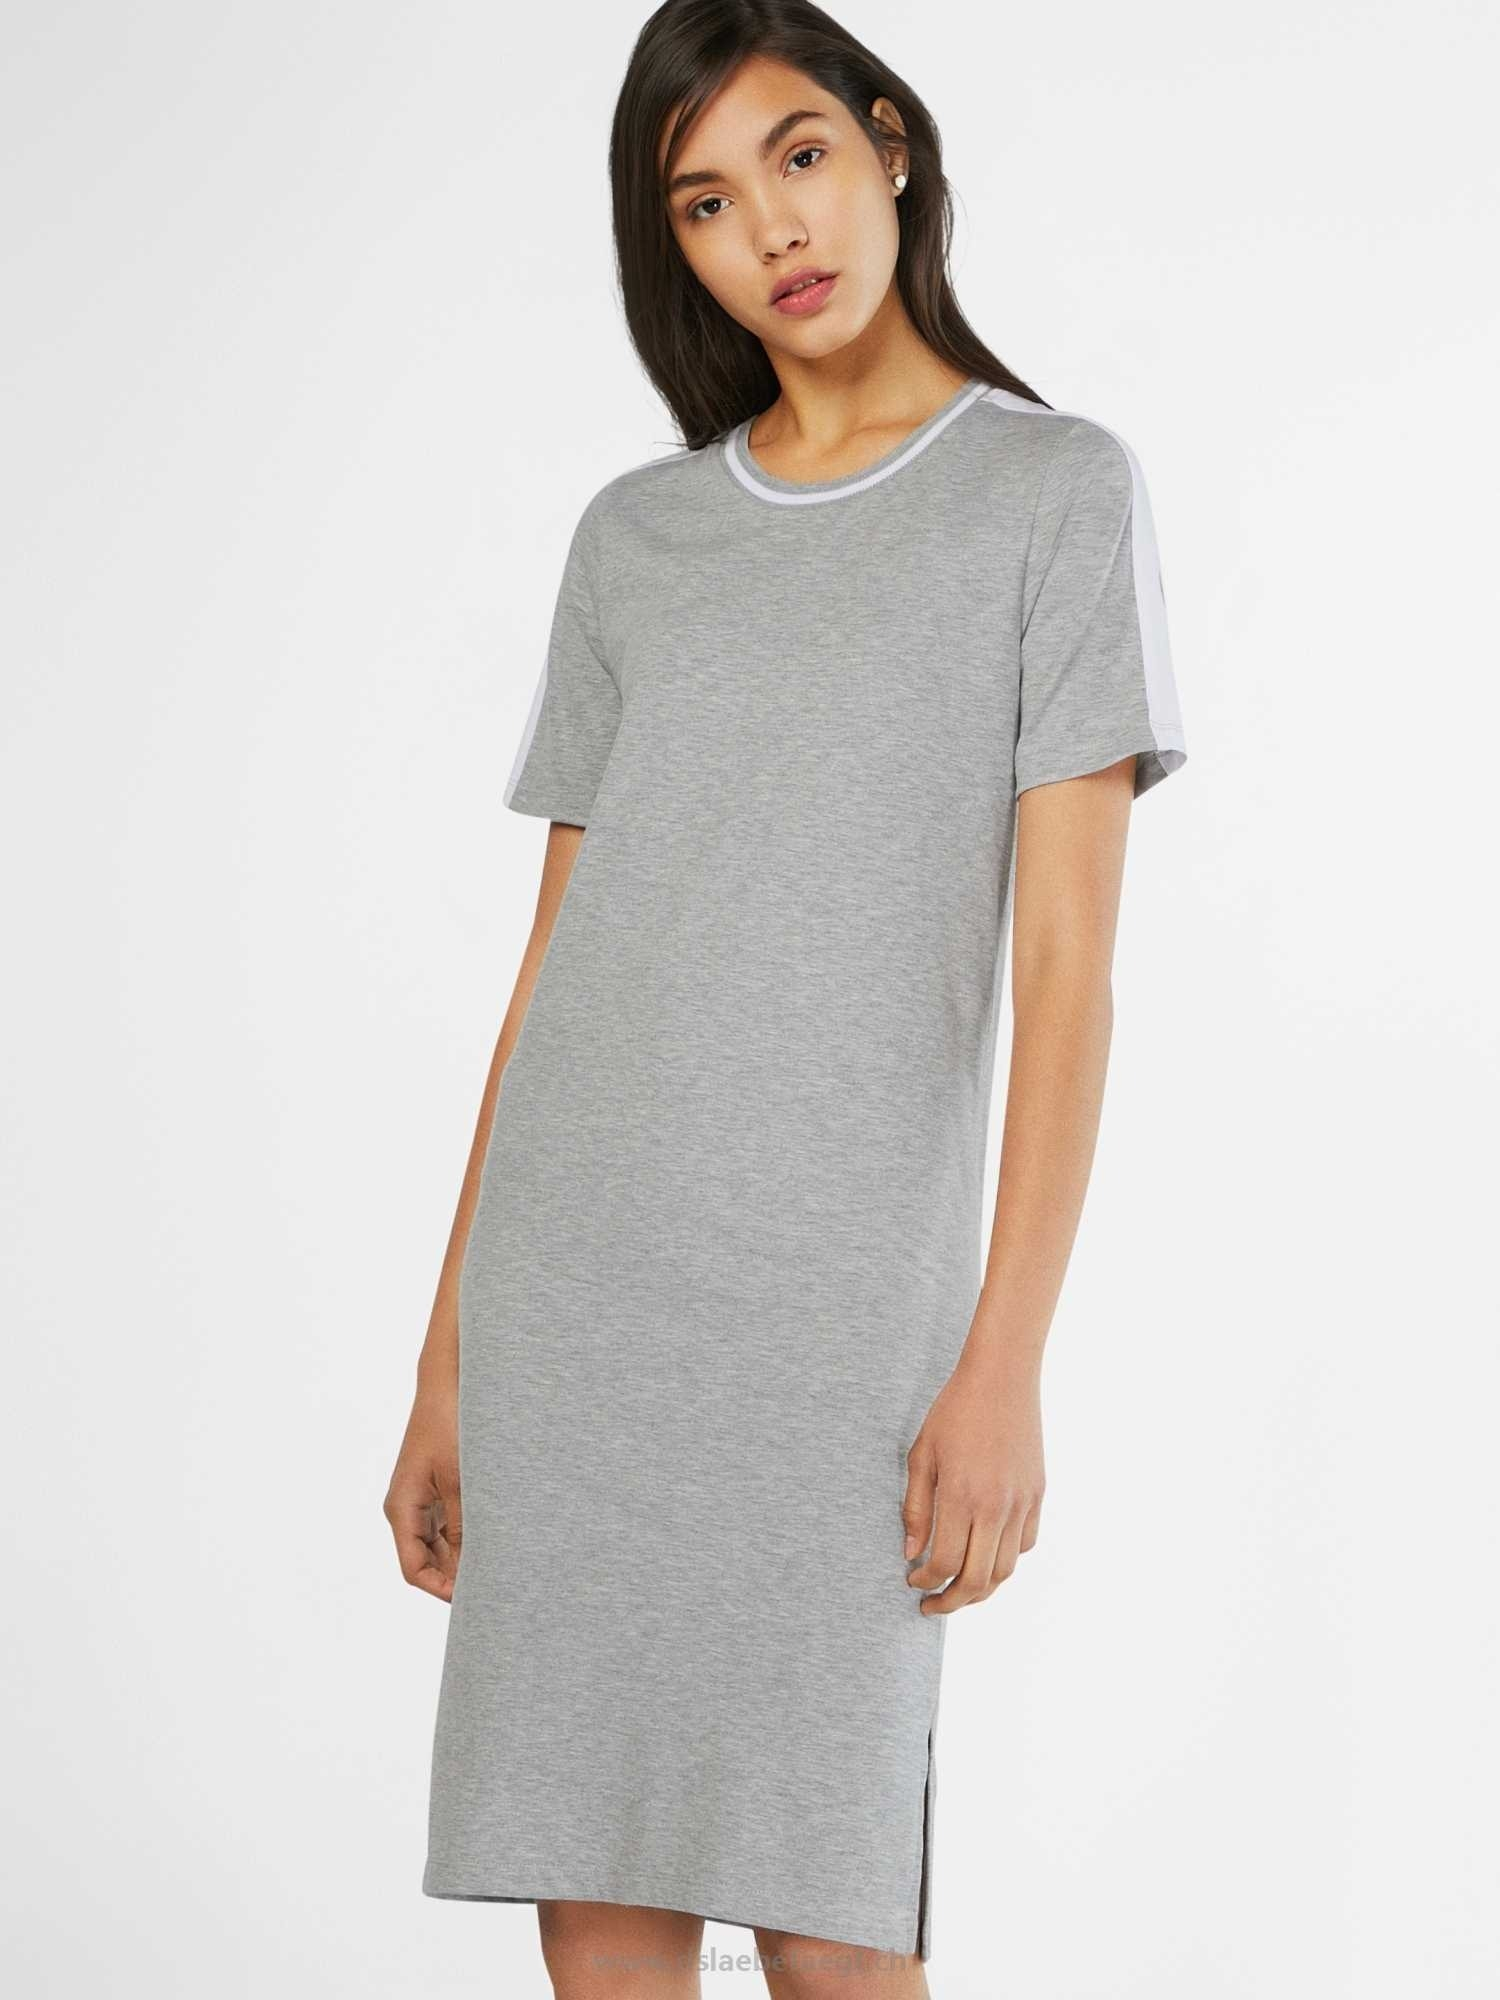 Großartig Damen Kleider Baumwolle Bester Preis15 Coolste Damen Kleider Baumwolle Stylish